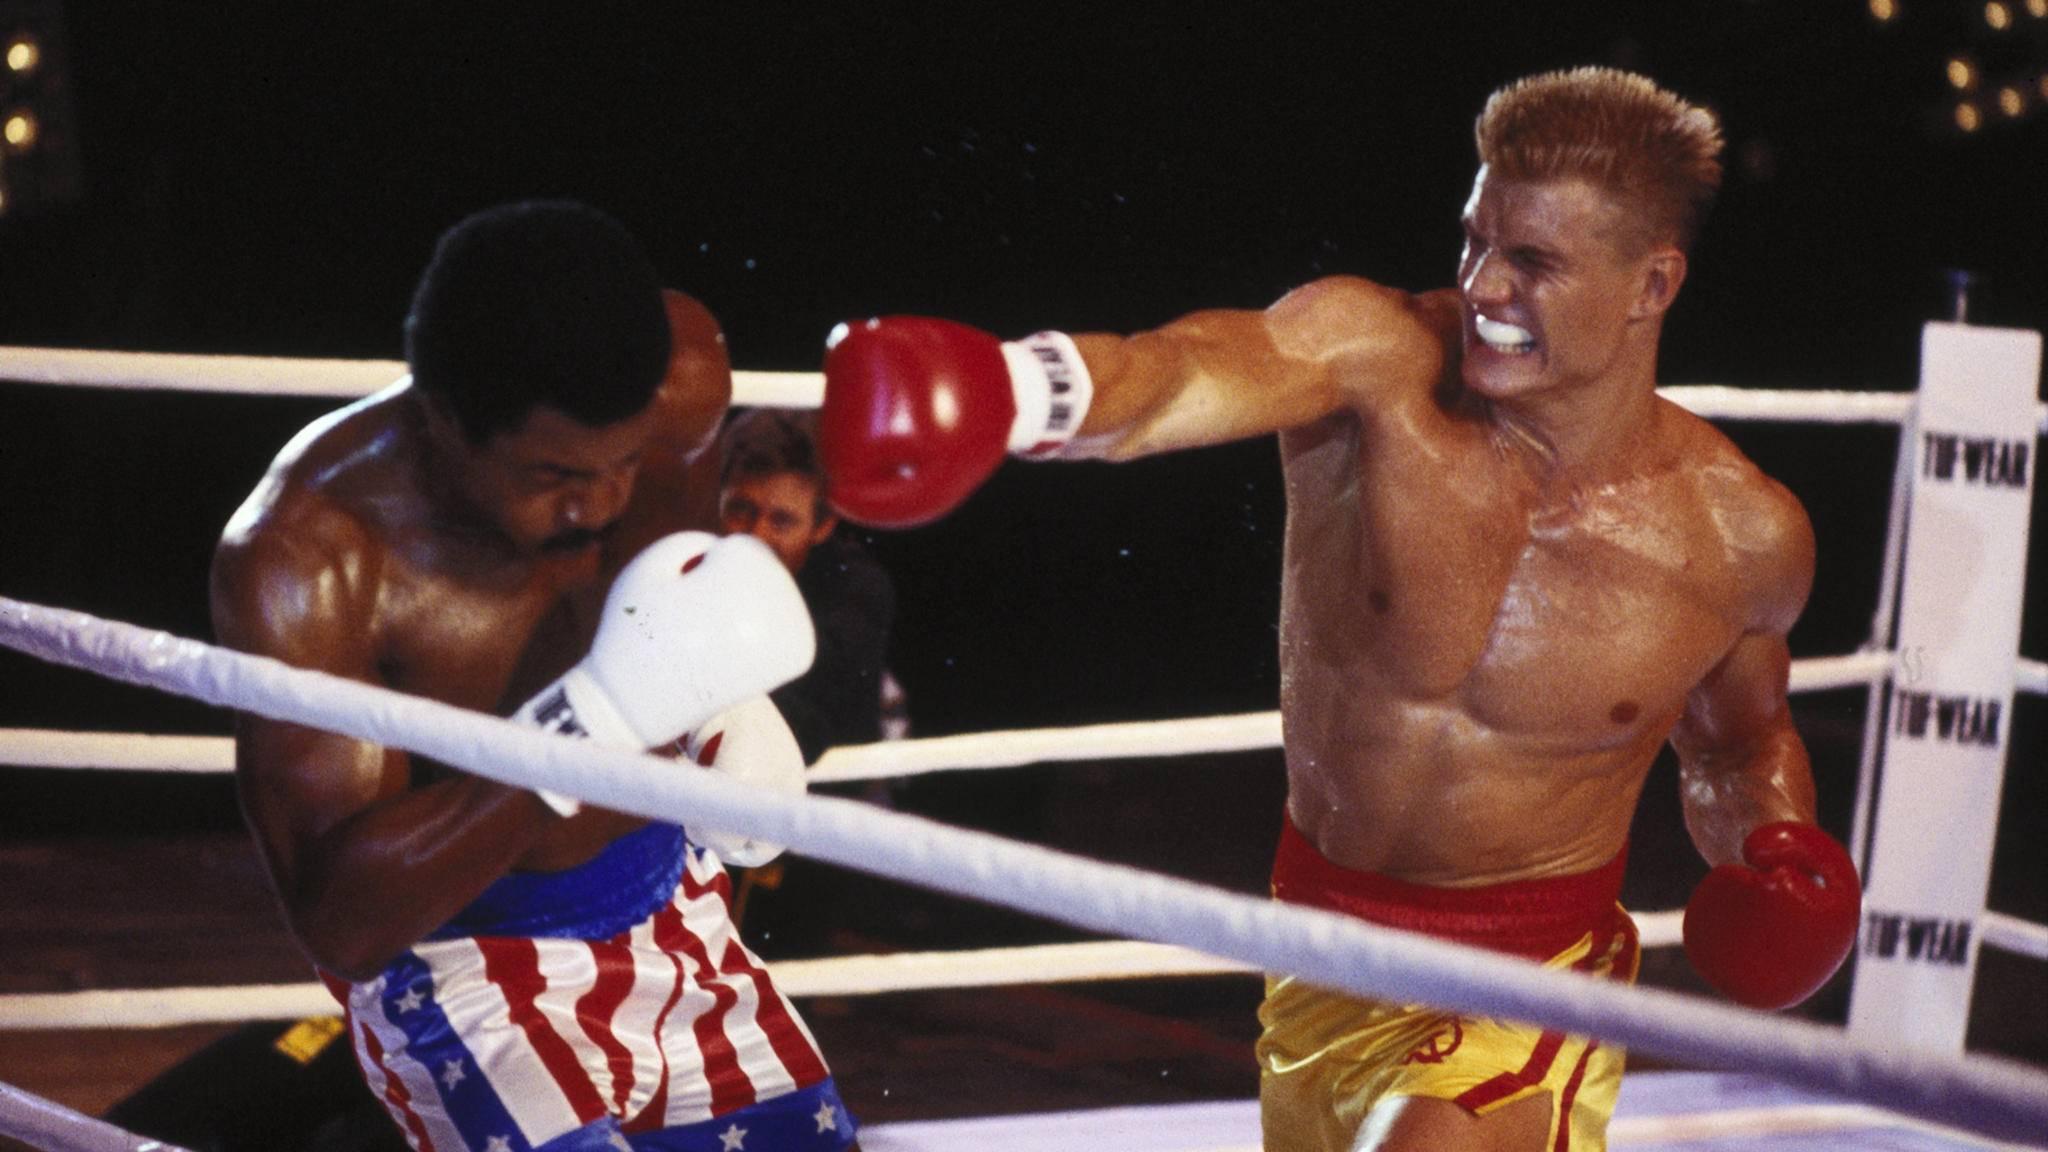 """Ob Ivan Dragos Sohn in """"Creed 2"""" genauso schlagkräftig sein wird wie einst sein Vater in """"Rocky IV""""?"""